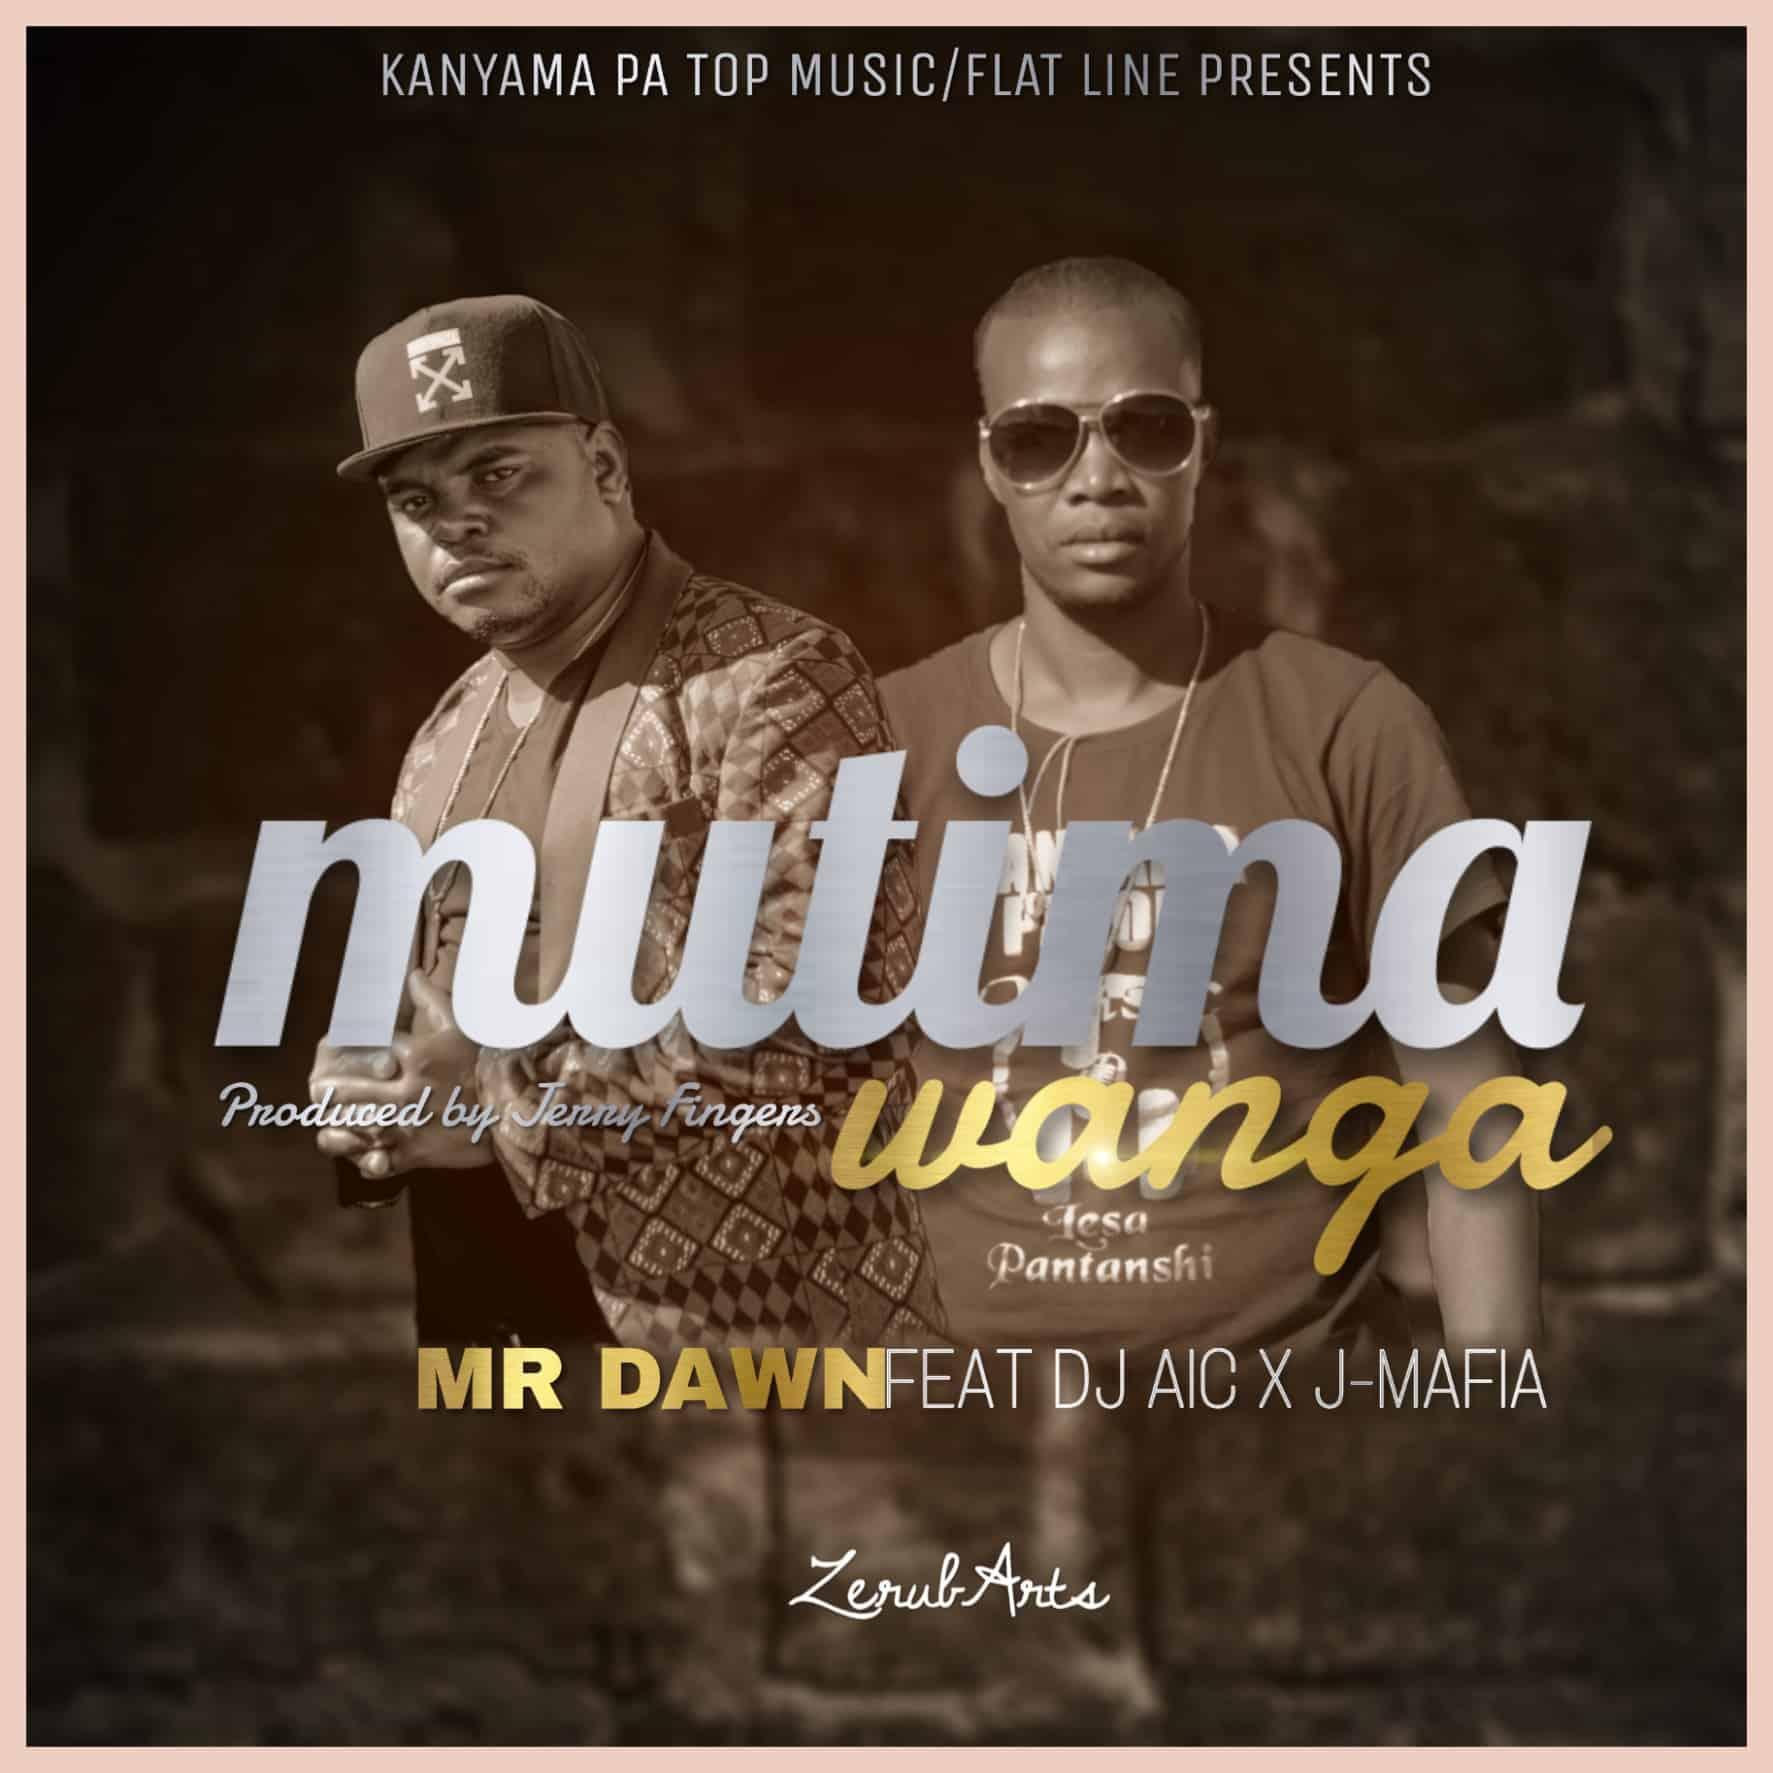 Mr Dawn Ft. DJ AIC J Mafia Mutima Wanga